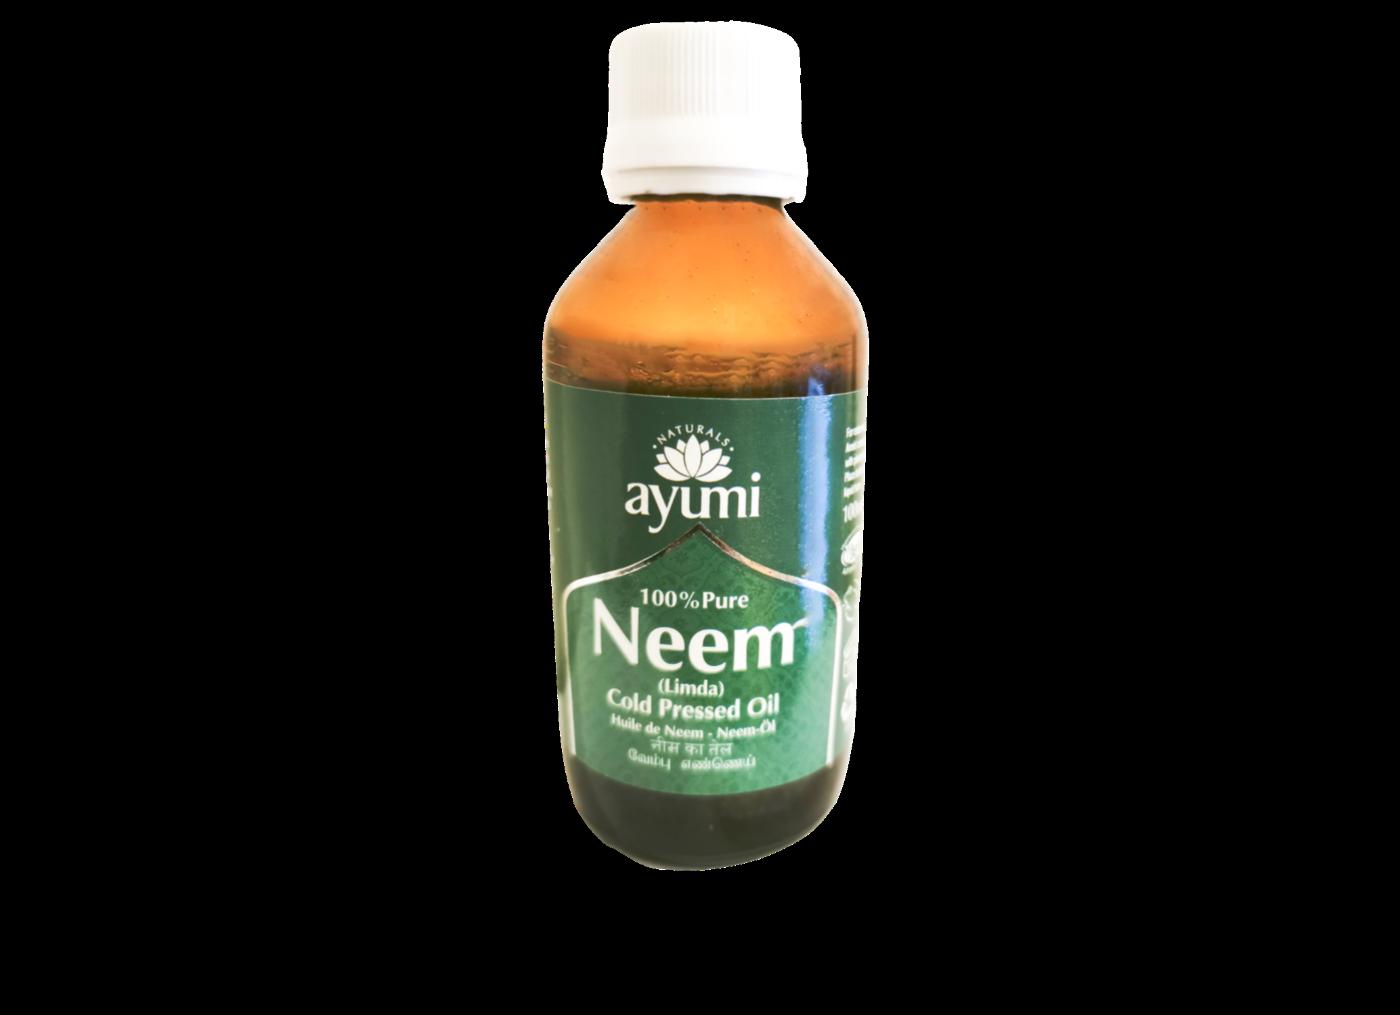 Ayumi Neem  Oil (Limda)